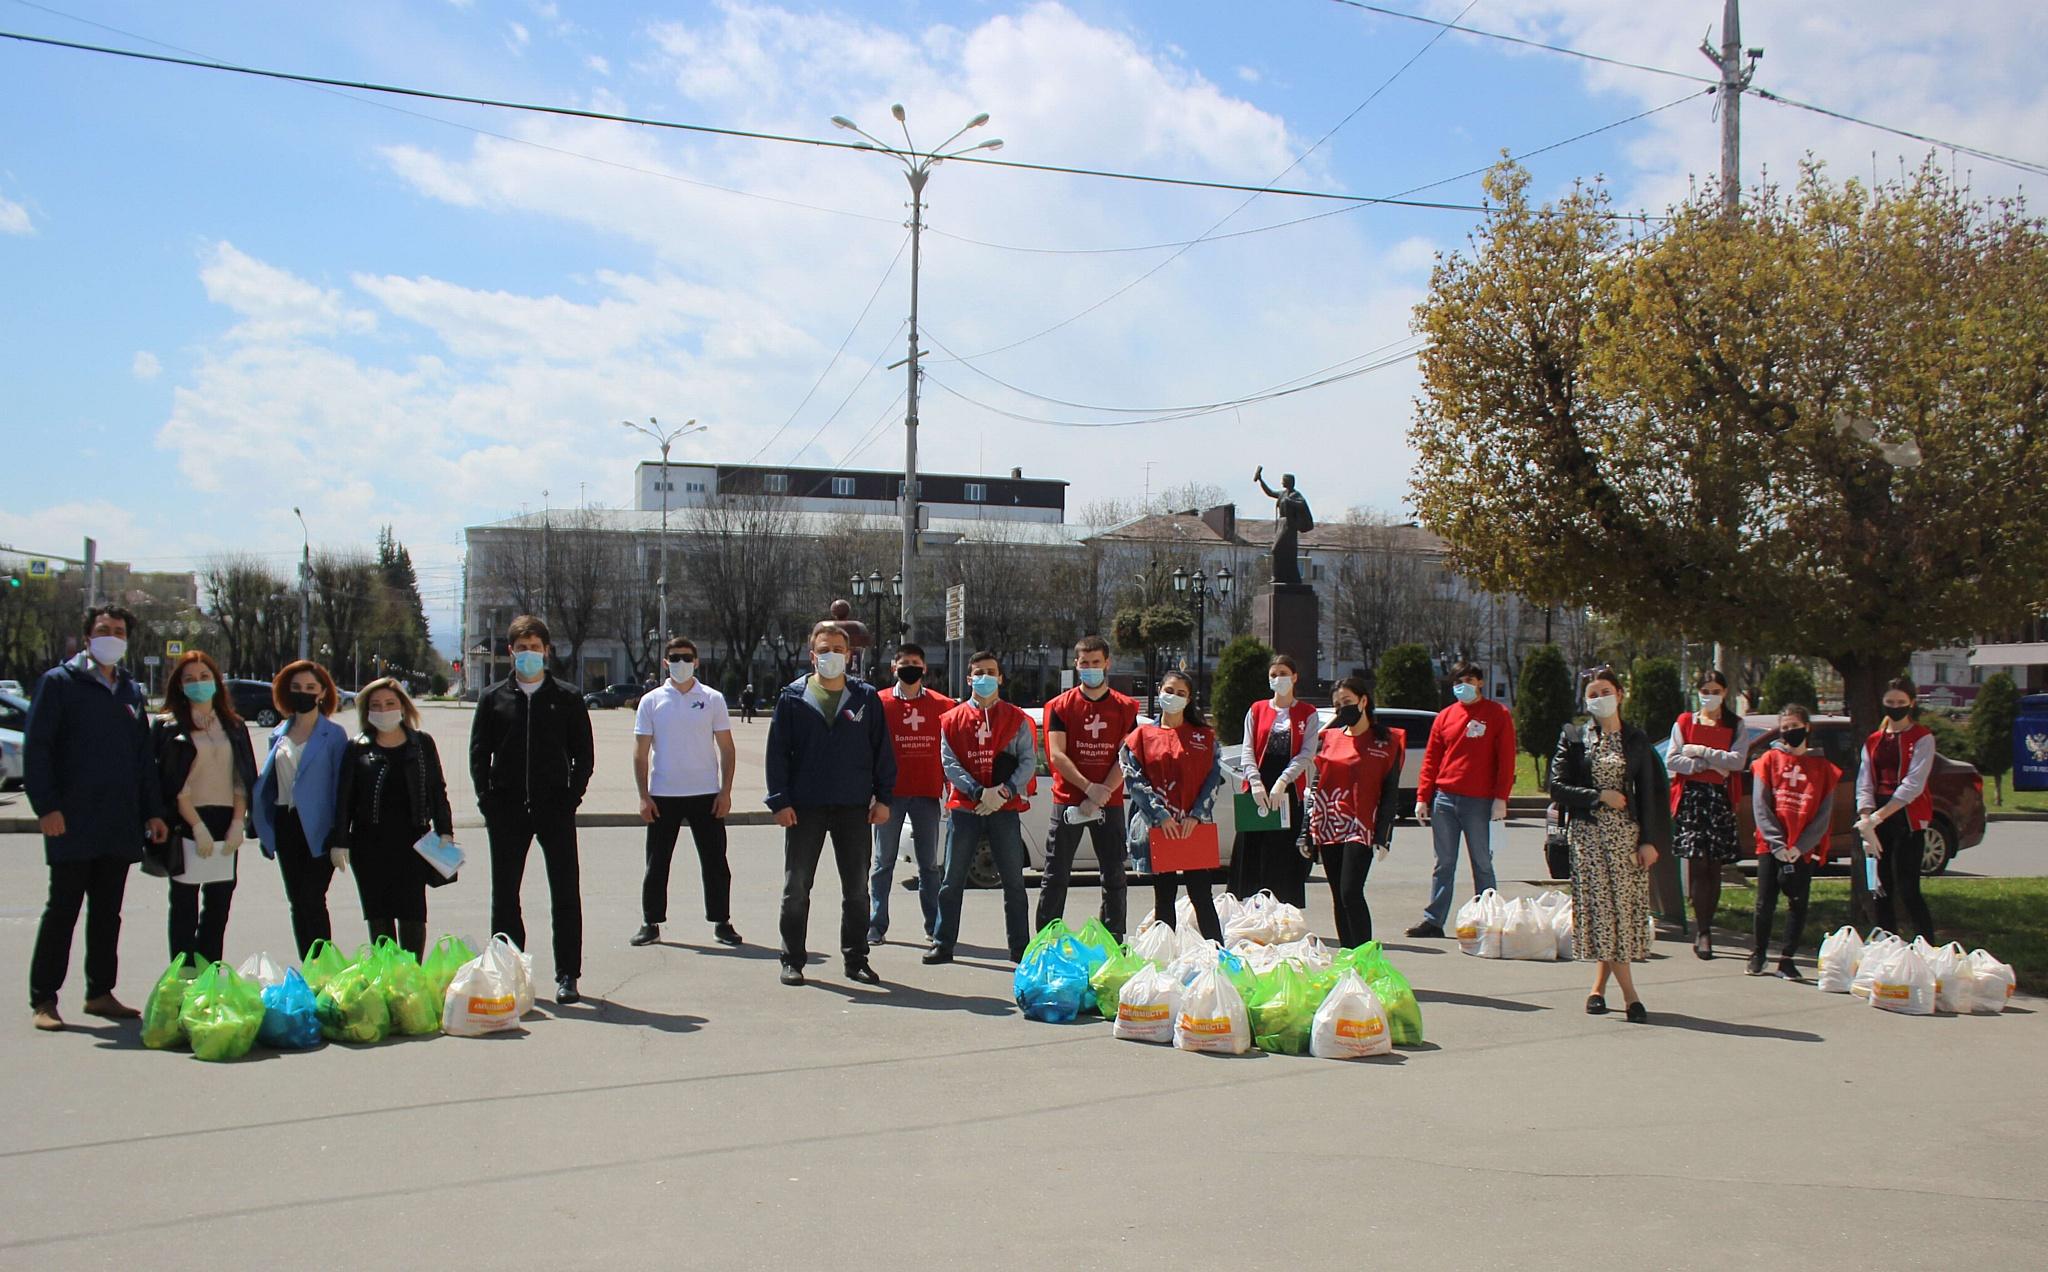 Более 30 тысячам пожилых людей в КБР помогли волонтеры акции #МыВместе